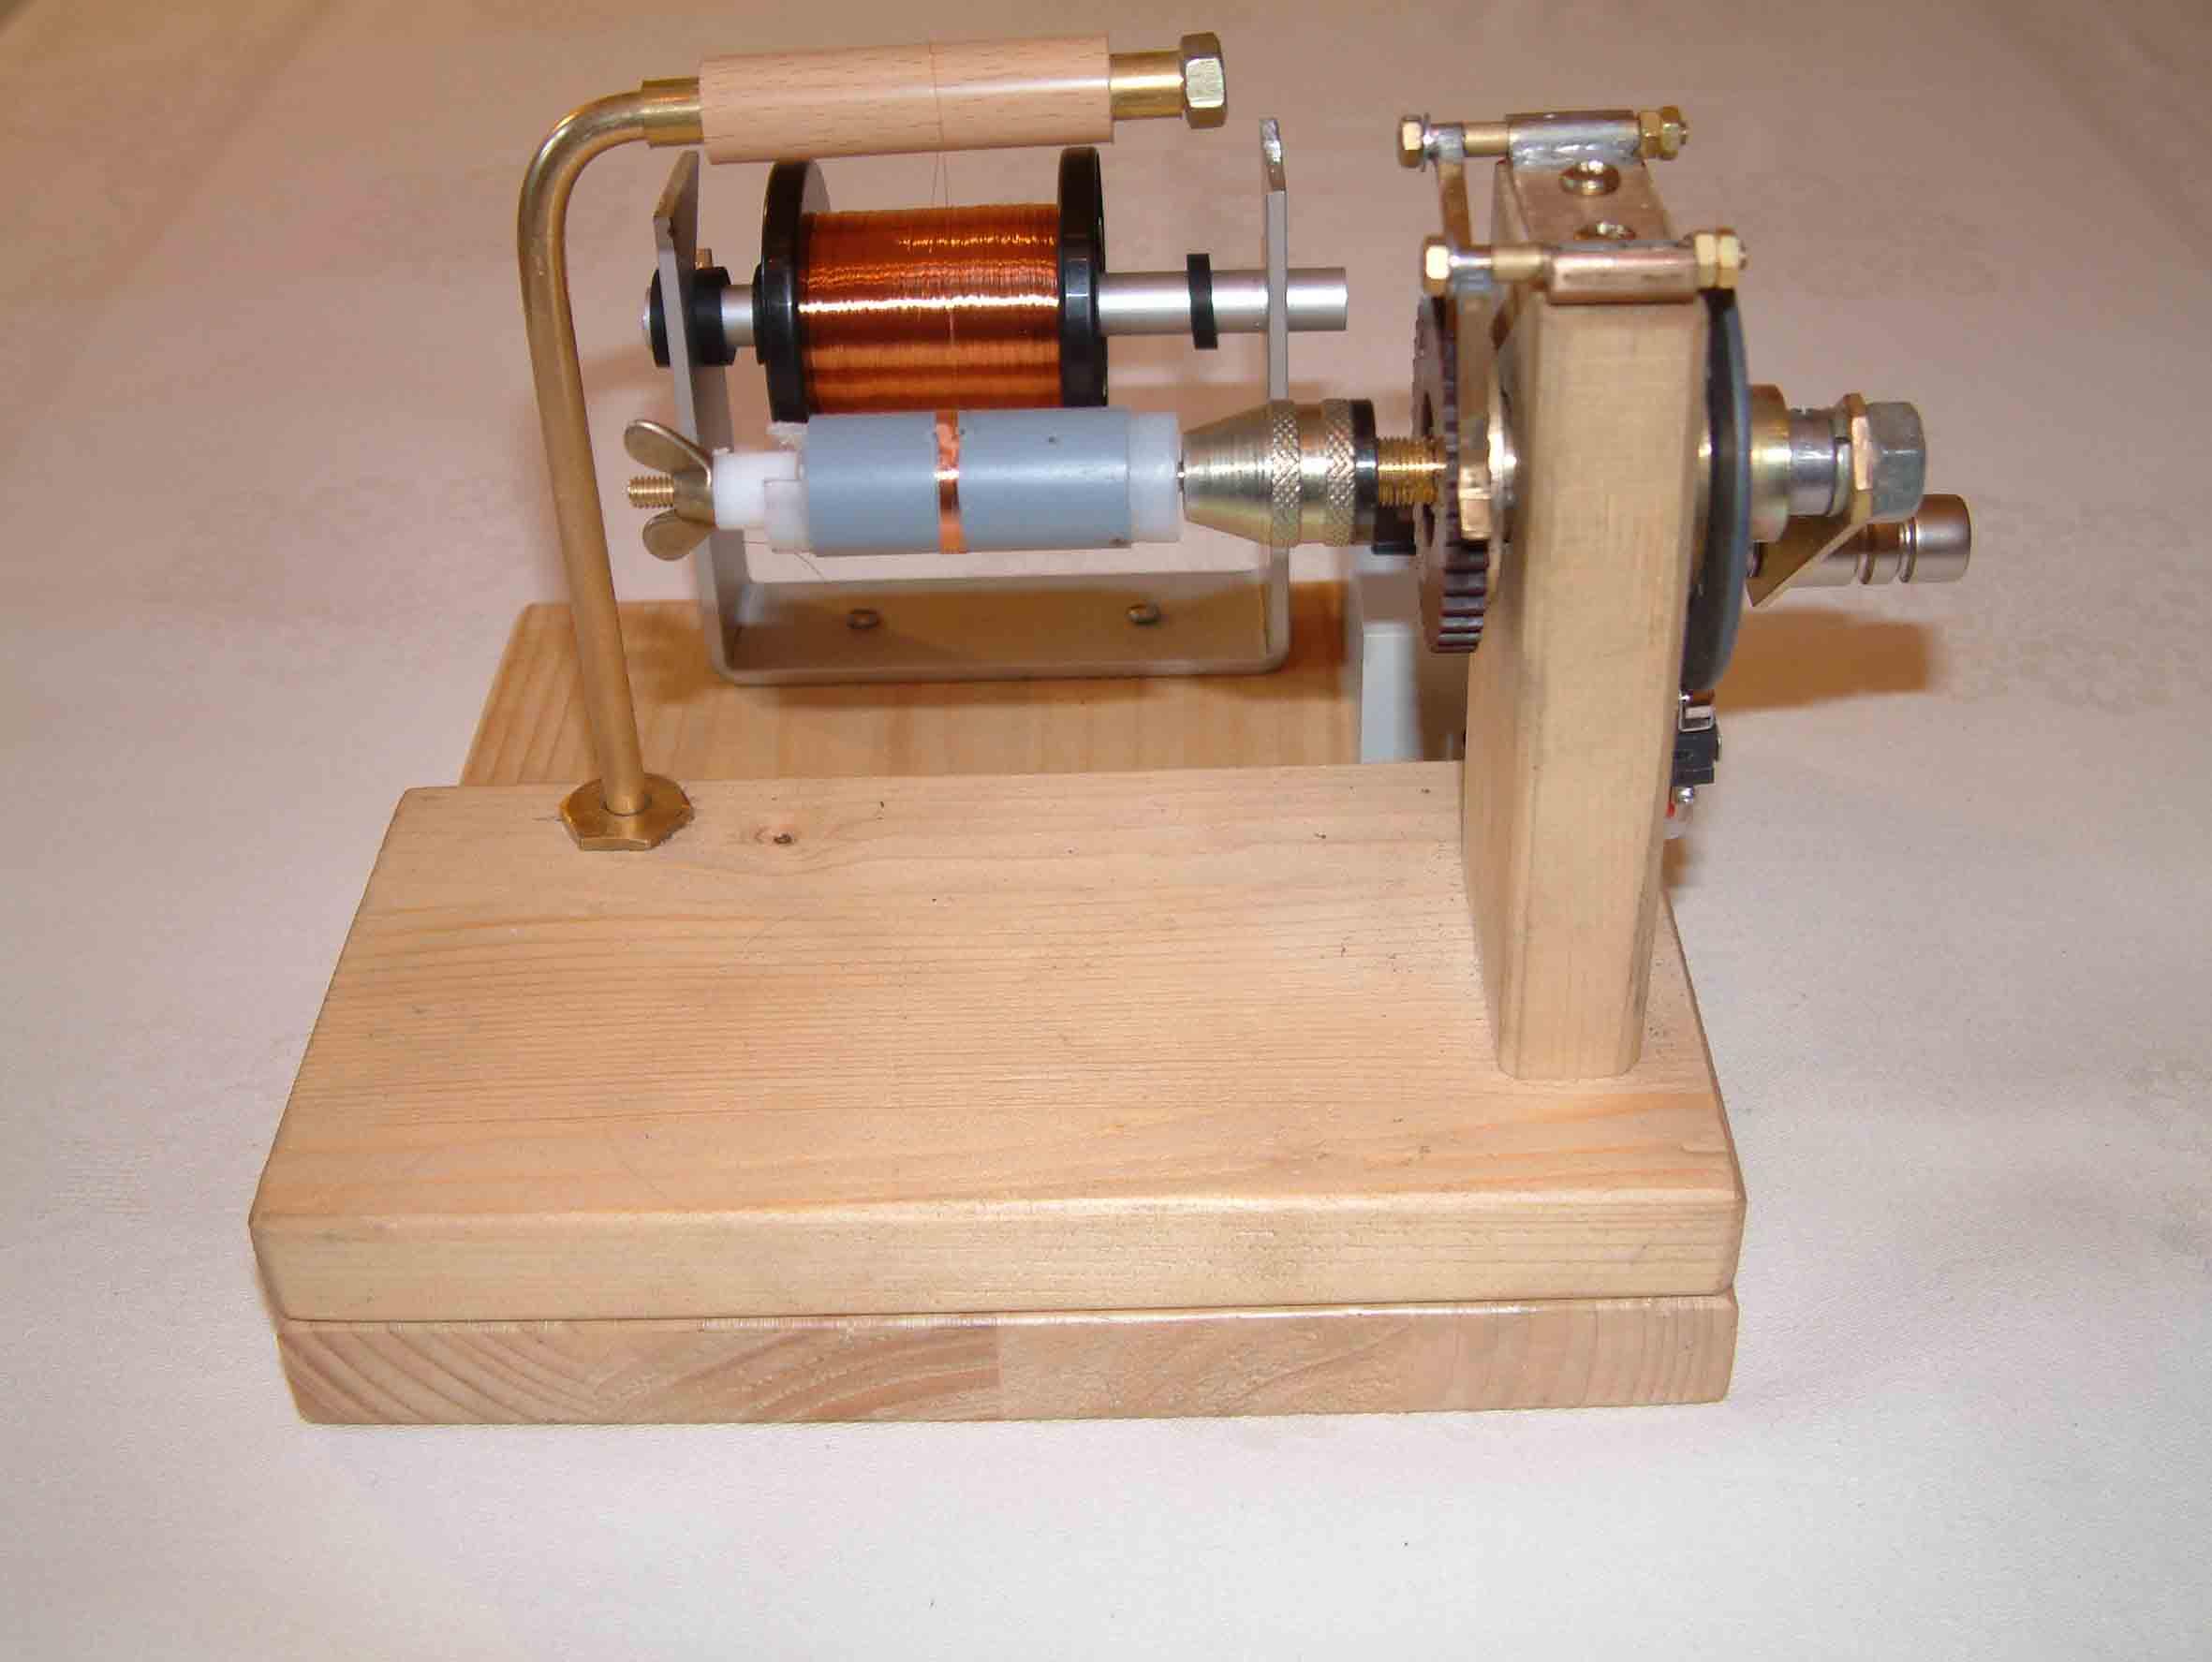 Einfache Spulenwickelmaschine für Zylinderspulen - Praxis: Basteln ...